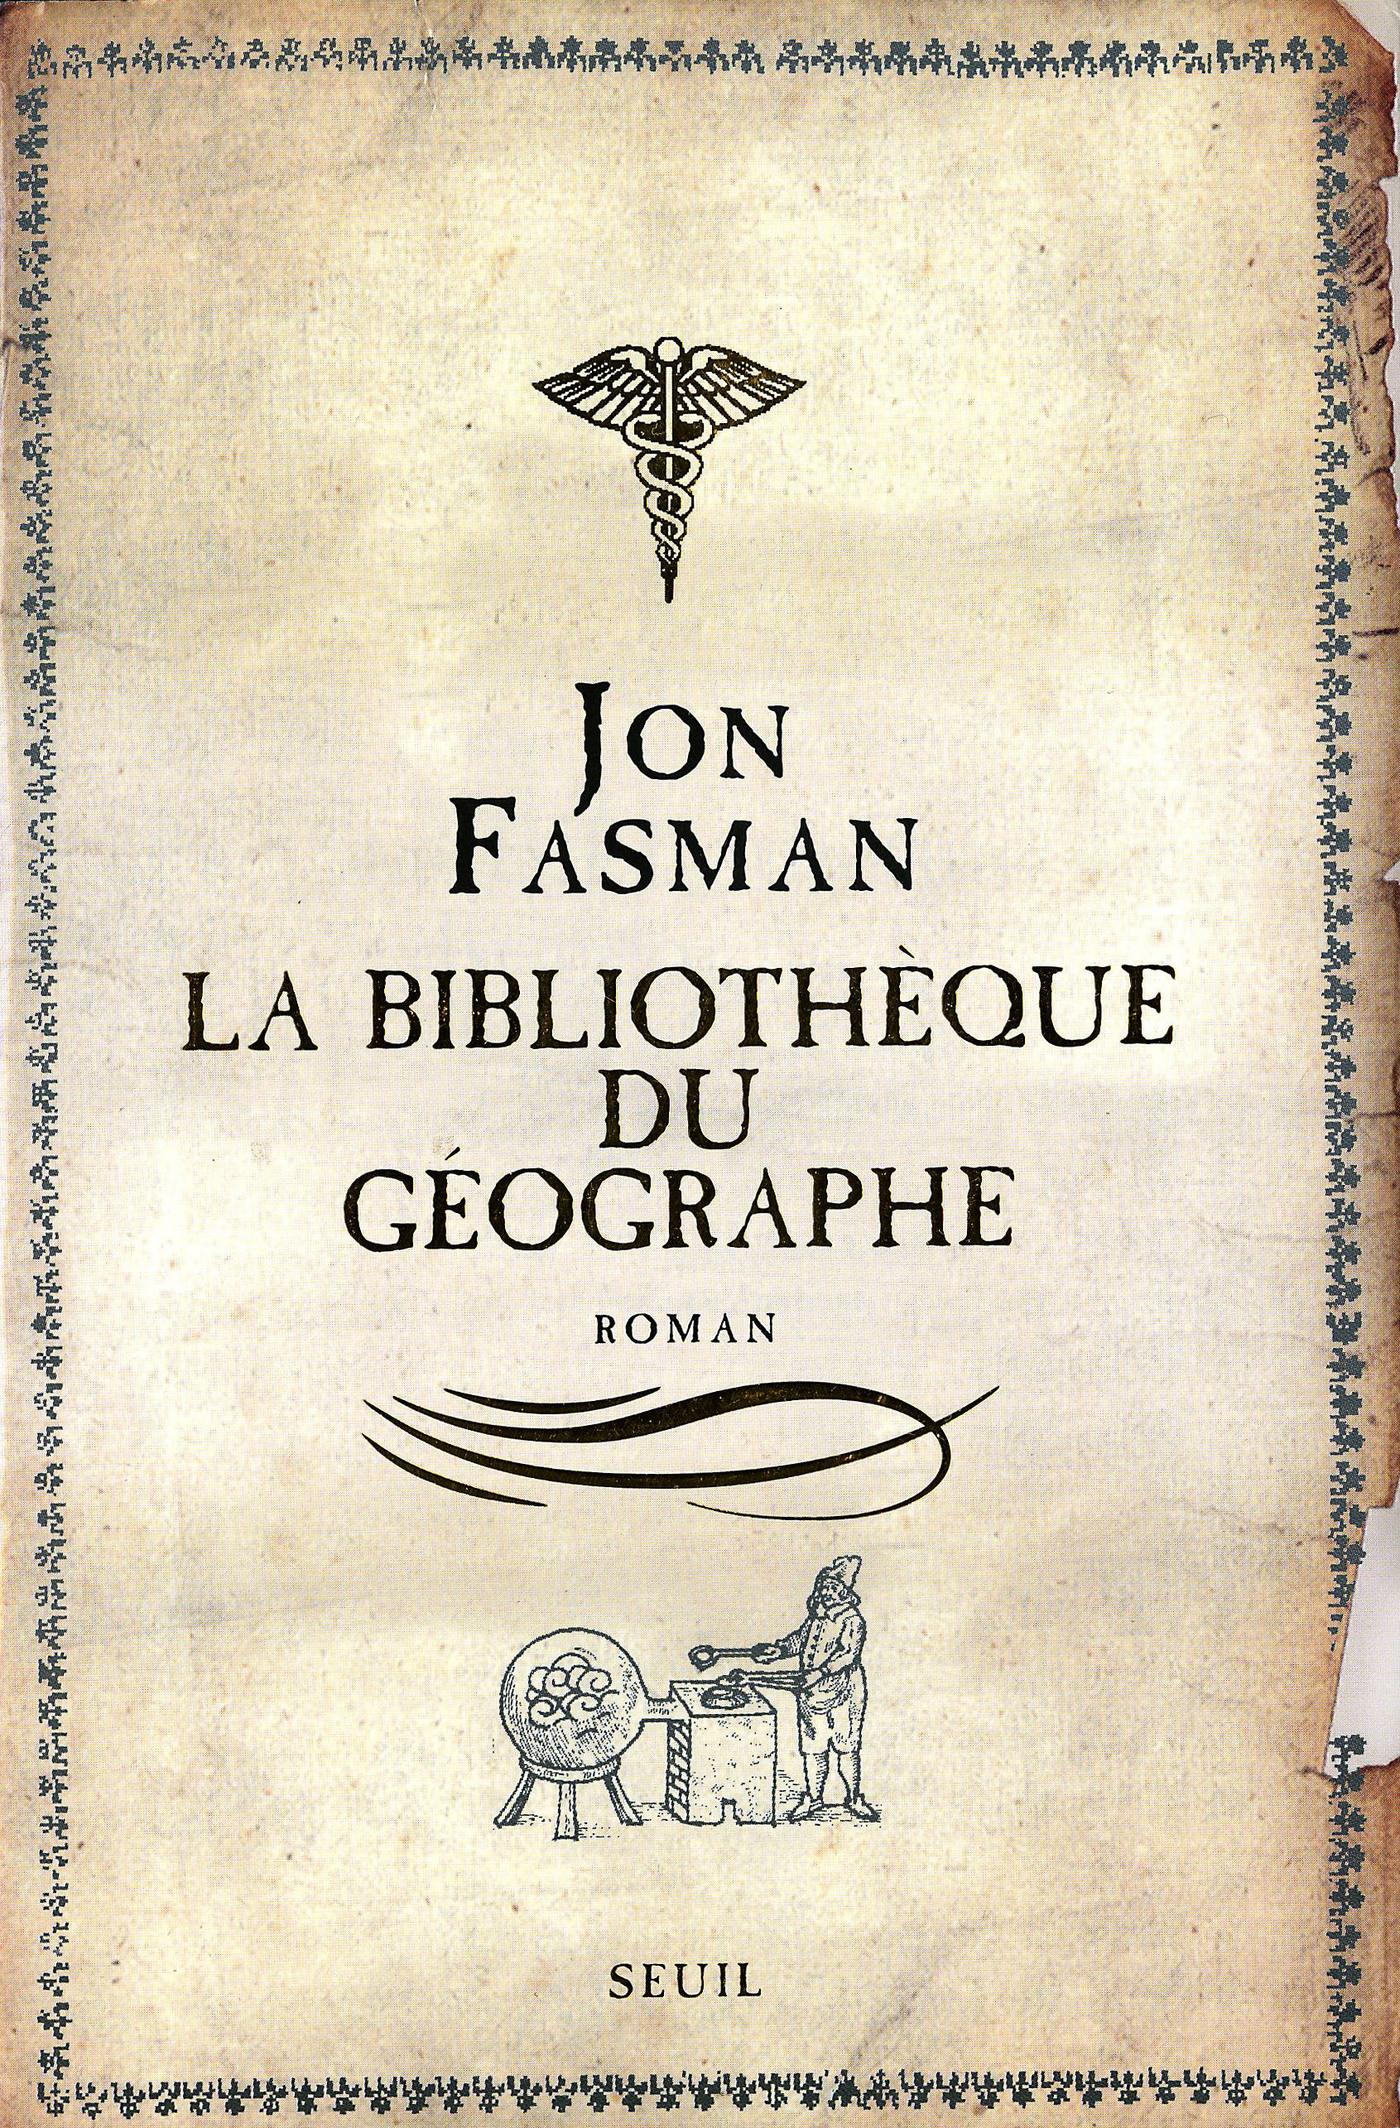 La Bibliothèque du géographe